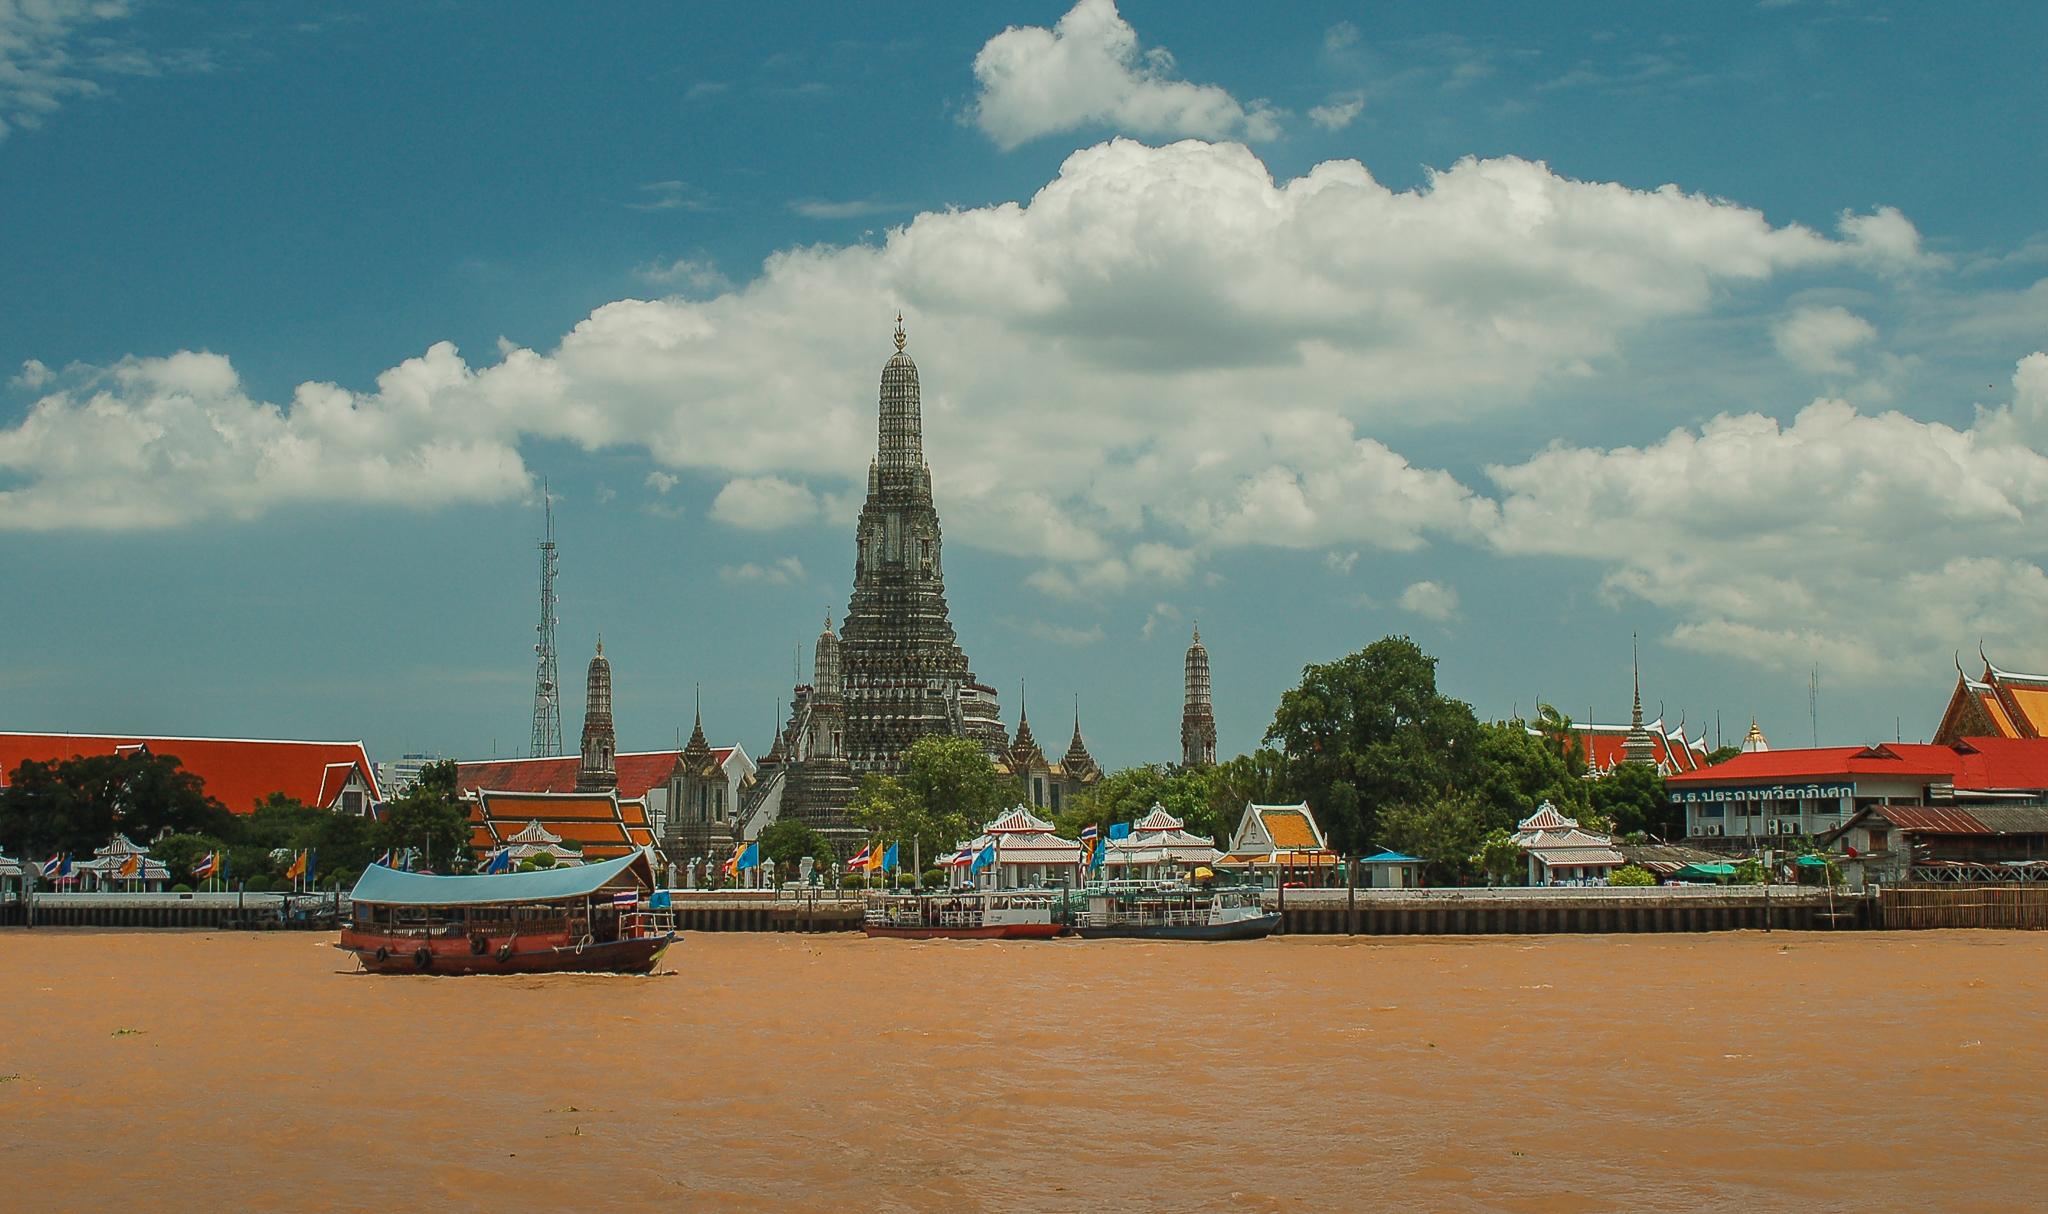 best month to visit thailand - august